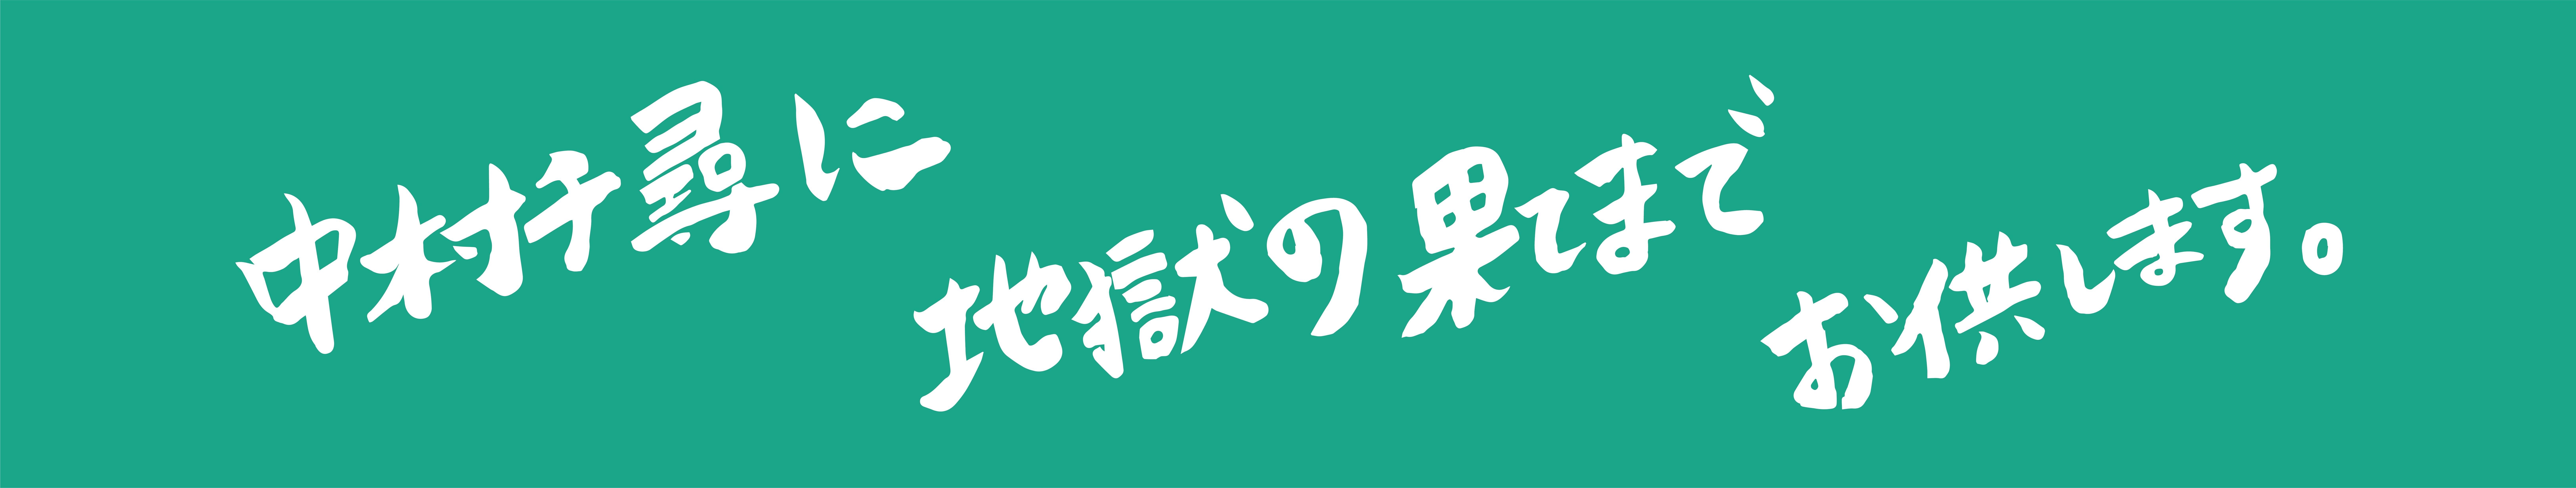 中村千尋公式サポータータオル